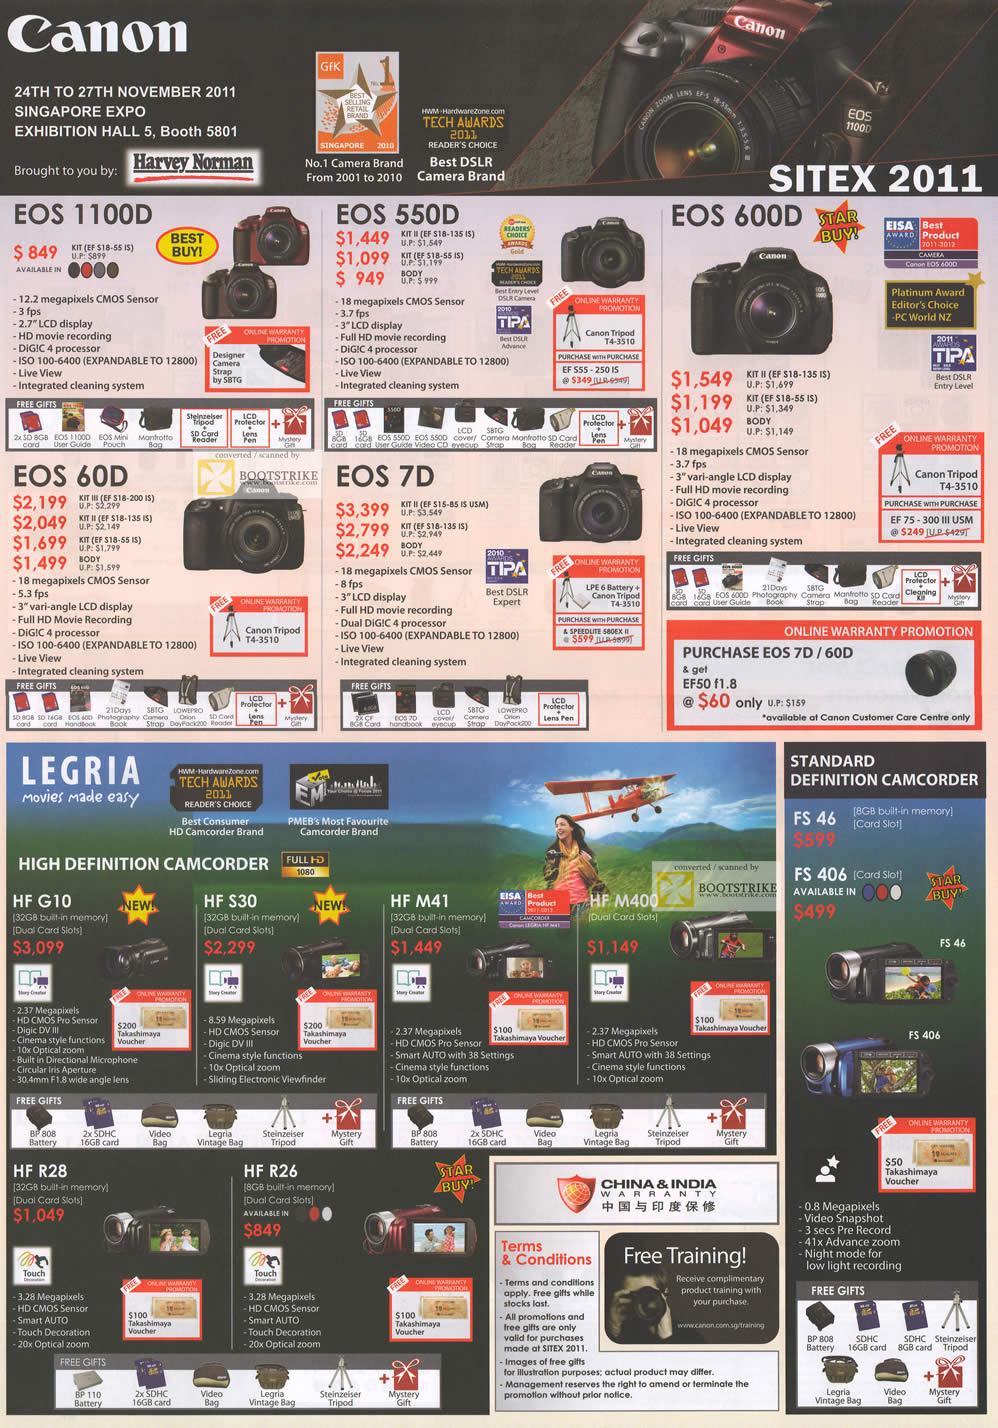 SITEX 2011 price list image brochure of Canon Digital Cameras DSLR EOS 1100D, EOS 60D, EOS 550D, EOS 70D, EOS 600D, Legria Video Camcorder HF G10, HF S30, HF M41, HF M400, HF R89, HF R26, FS46, FS406